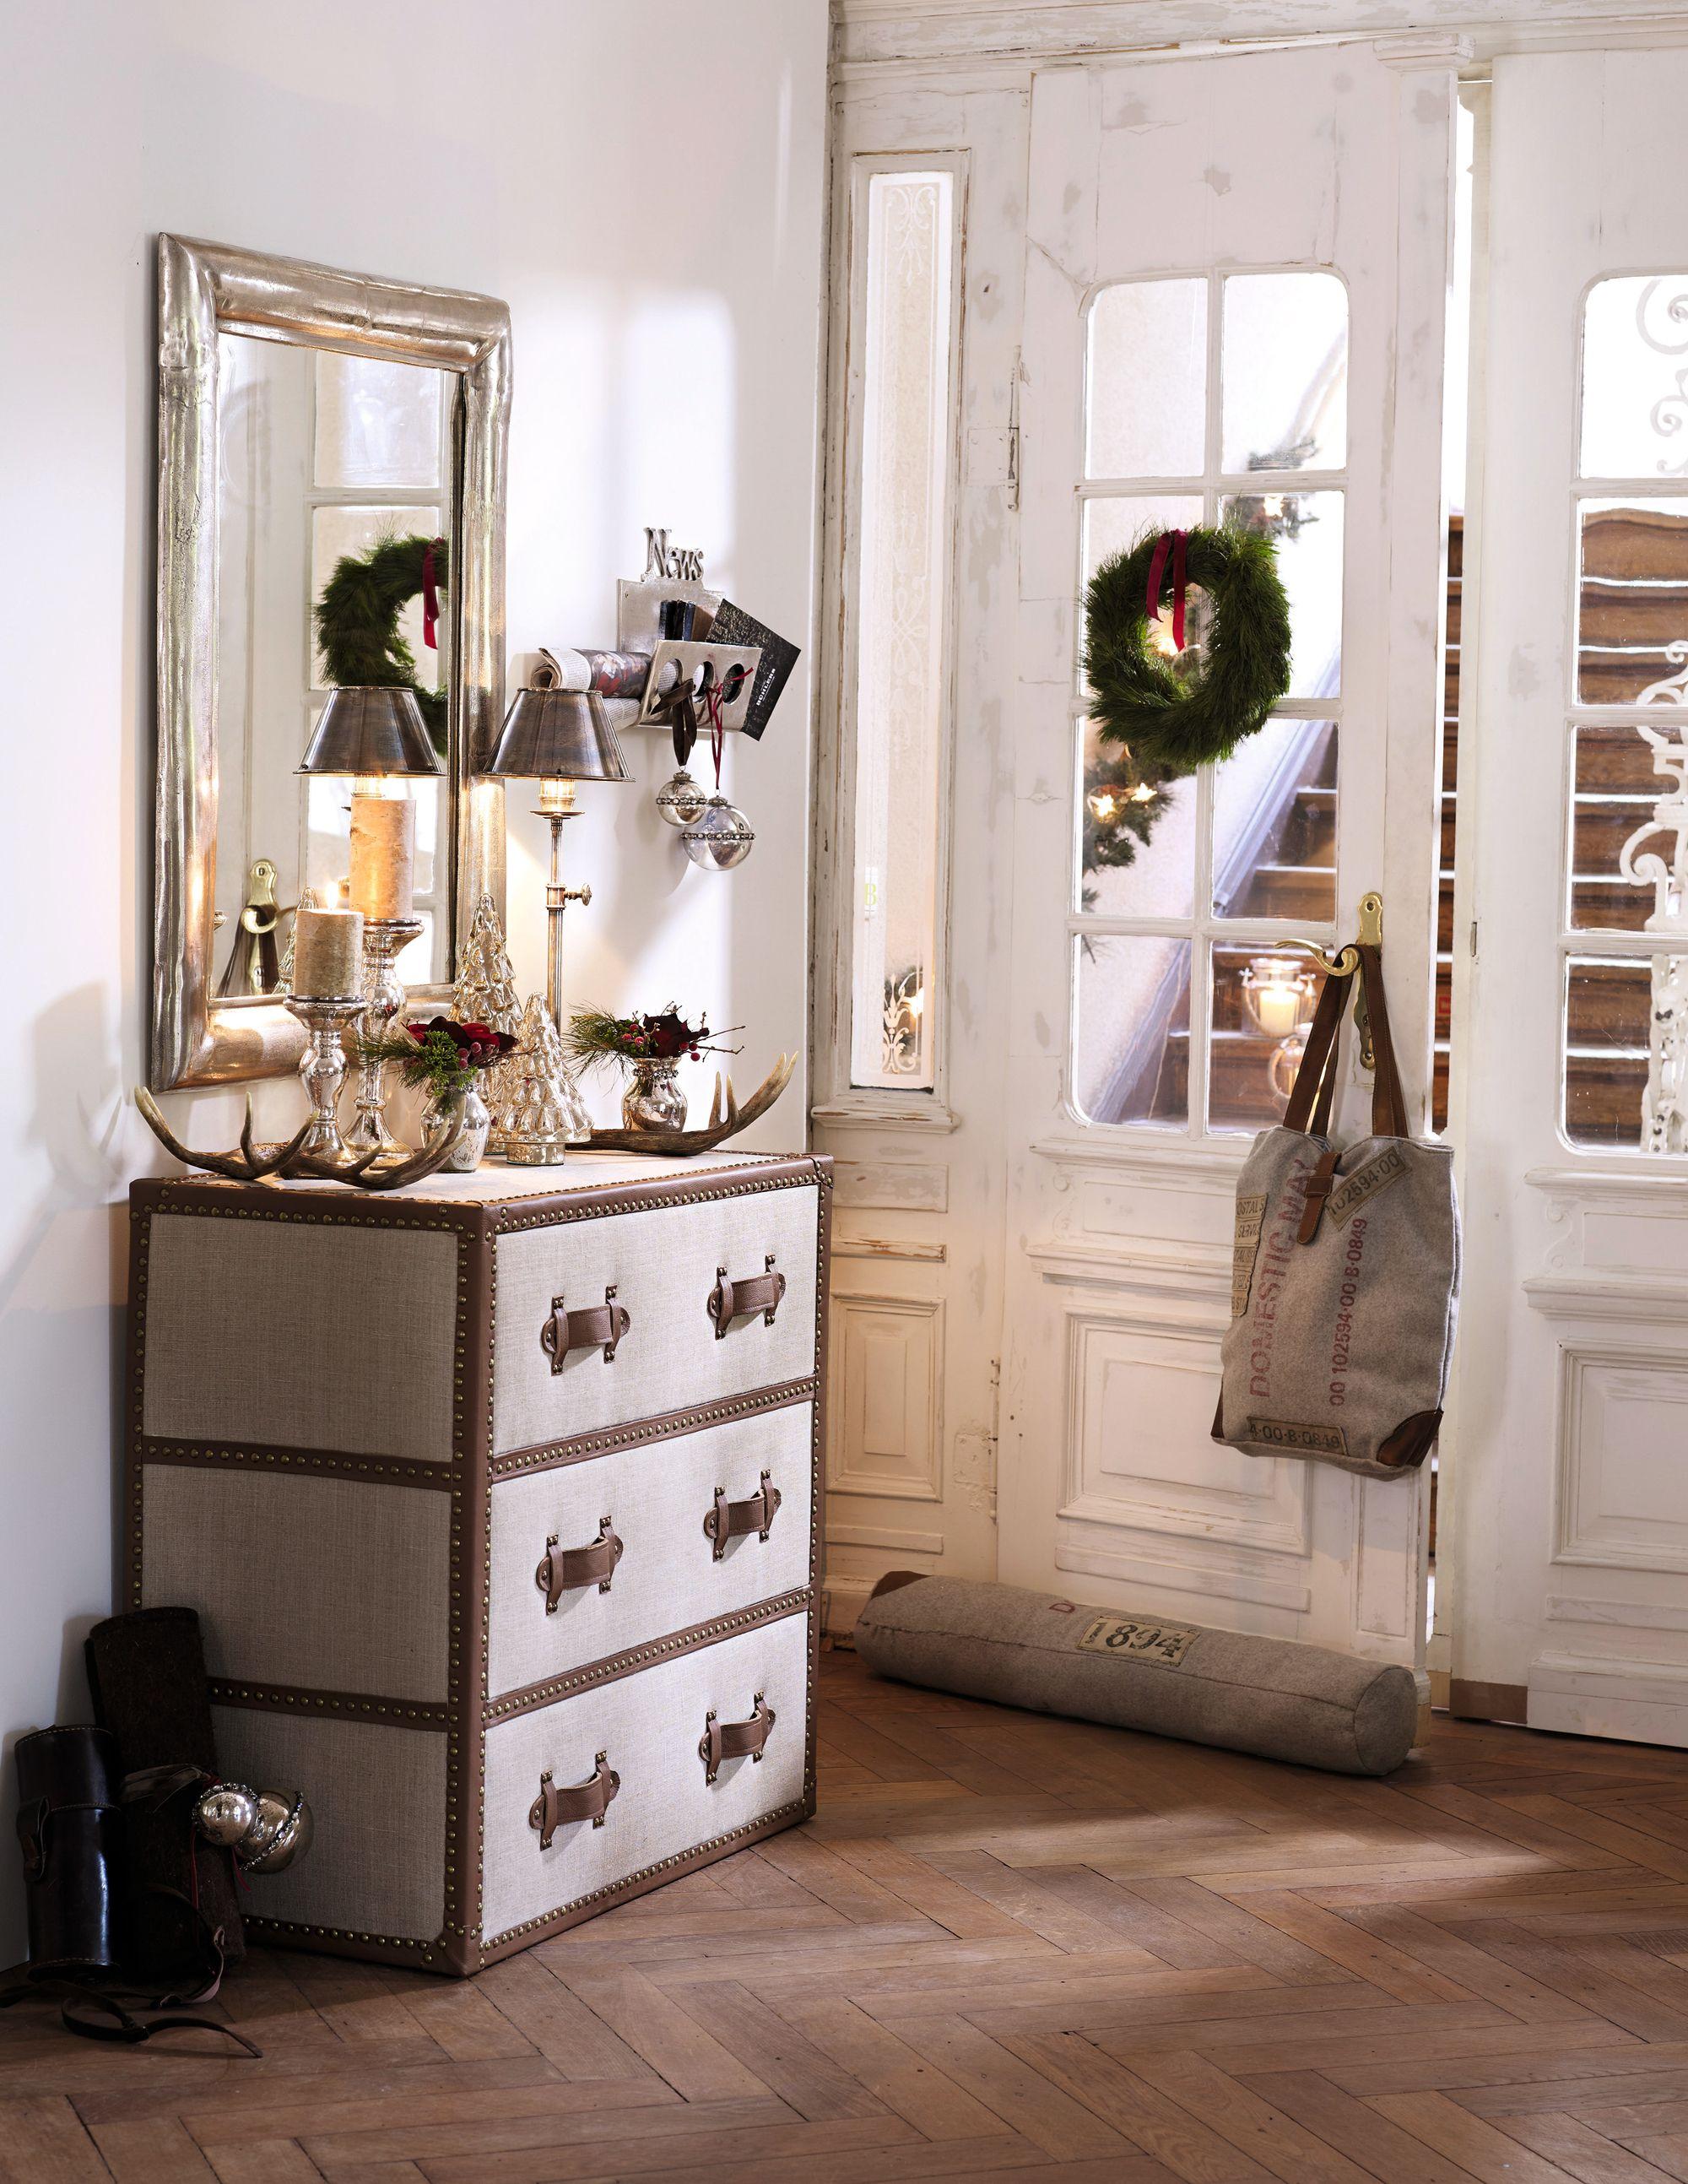 weihnachtliche deko im eingangsbereich loberon christmas xmas weihnachten weihnachten. Black Bedroom Furniture Sets. Home Design Ideas